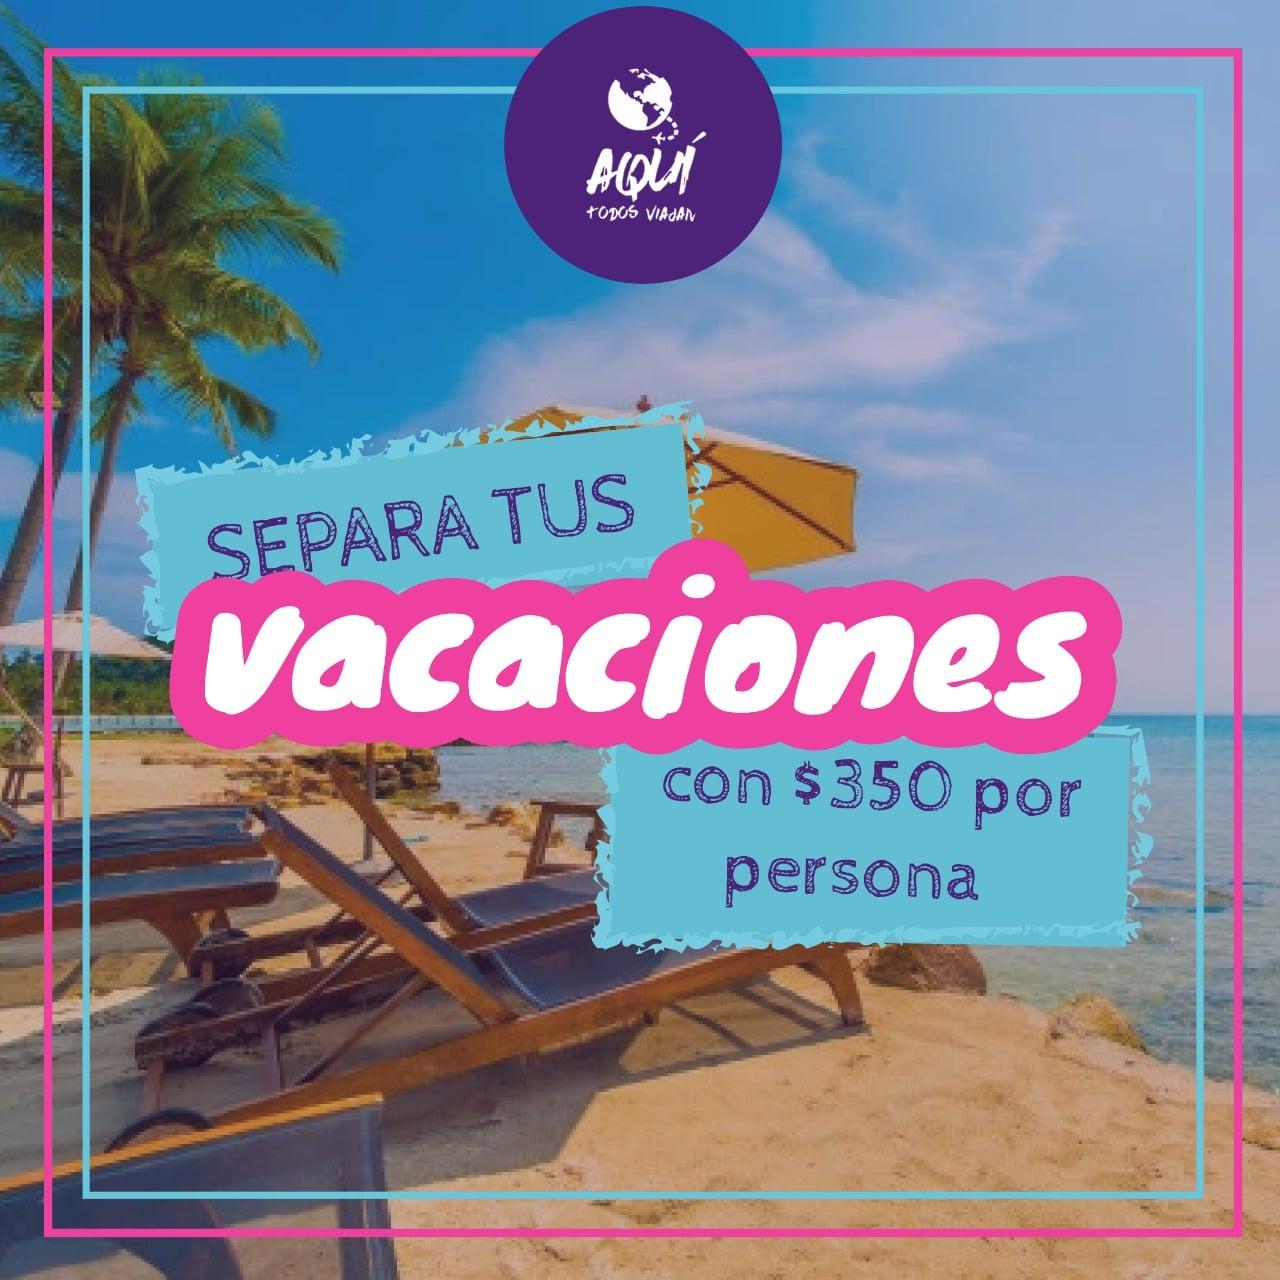 Separa Vacaciones desde $350 MXN, Agencia de Viajes, Aquí Todos Viajan, Apodaca